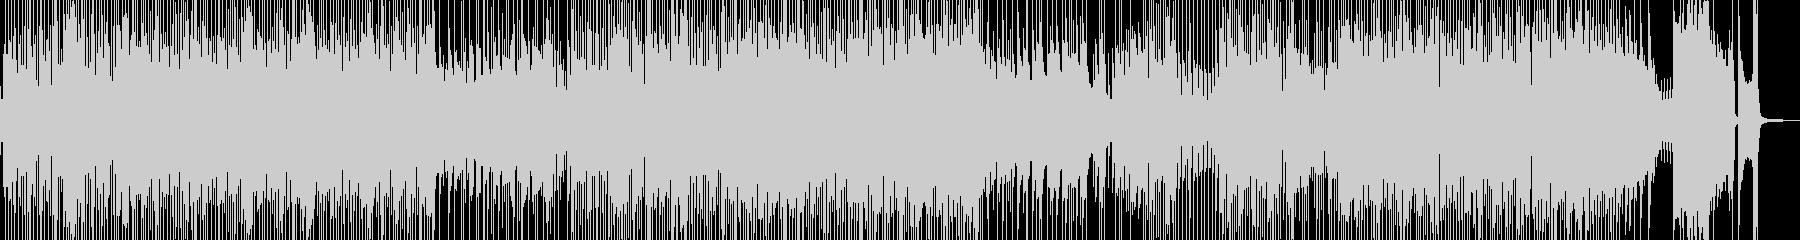 軽快・喜劇的なカントリーポップ 長尺の未再生の波形